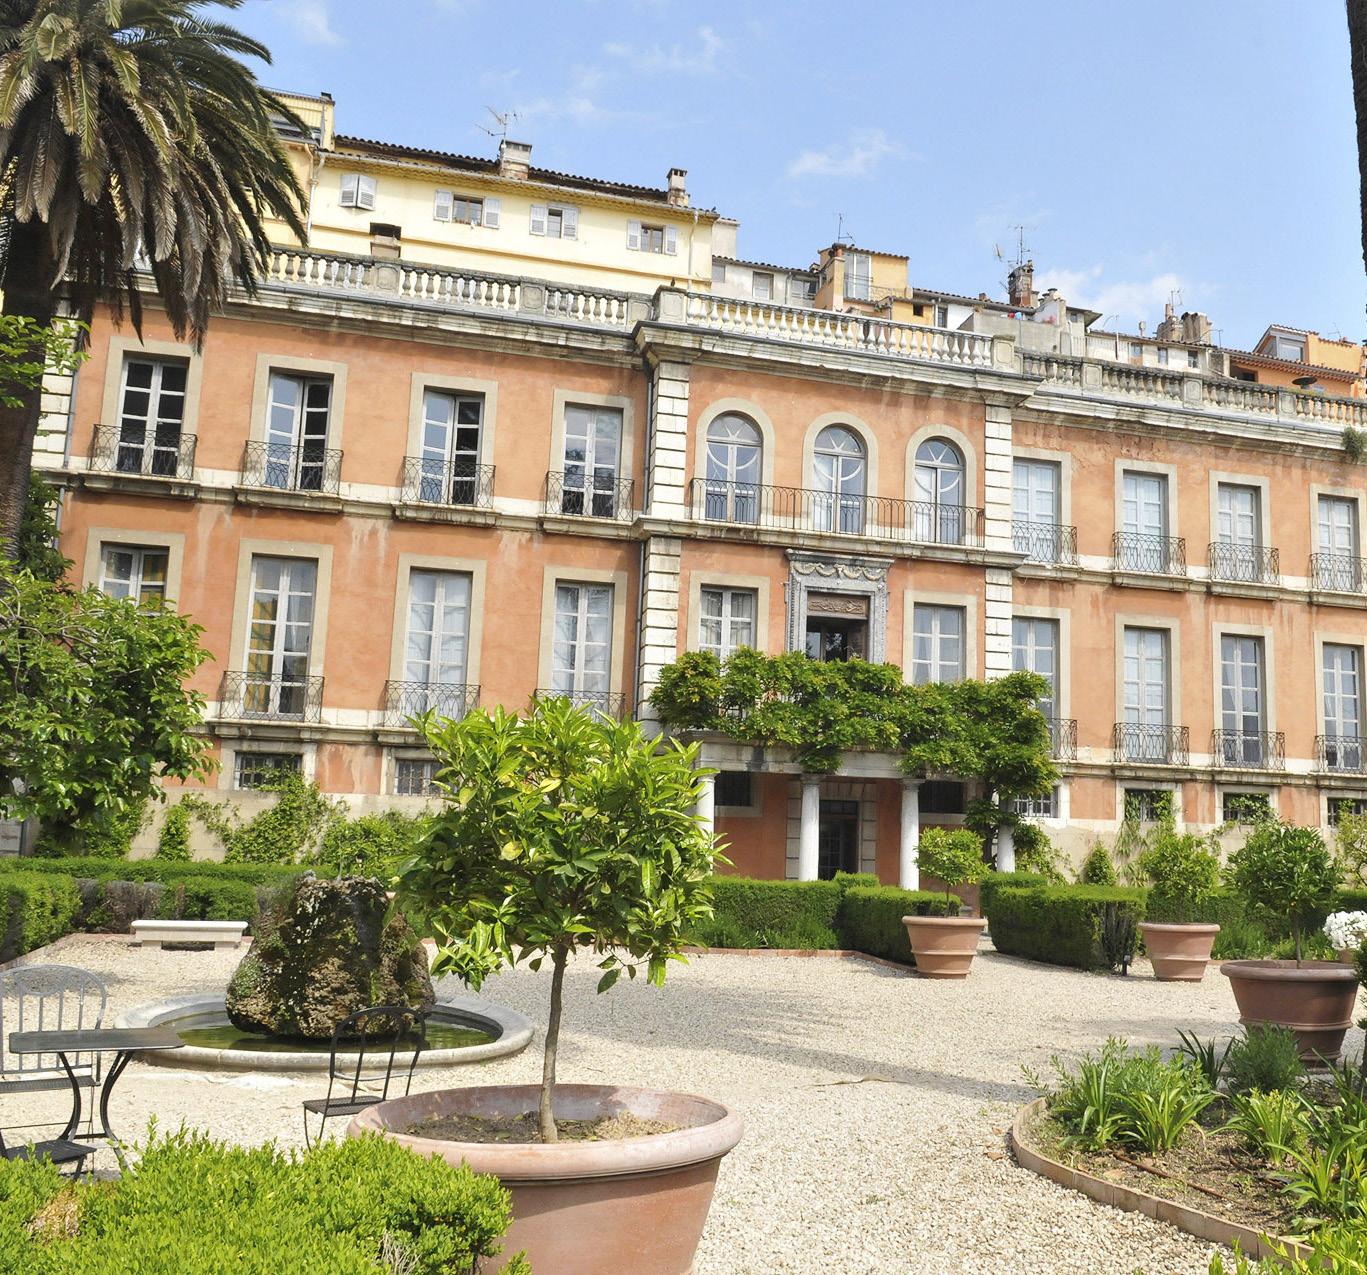 Jardin du mus e d 39 art et d 39 histoire de provence - Effroyables jardins histoire des arts ...